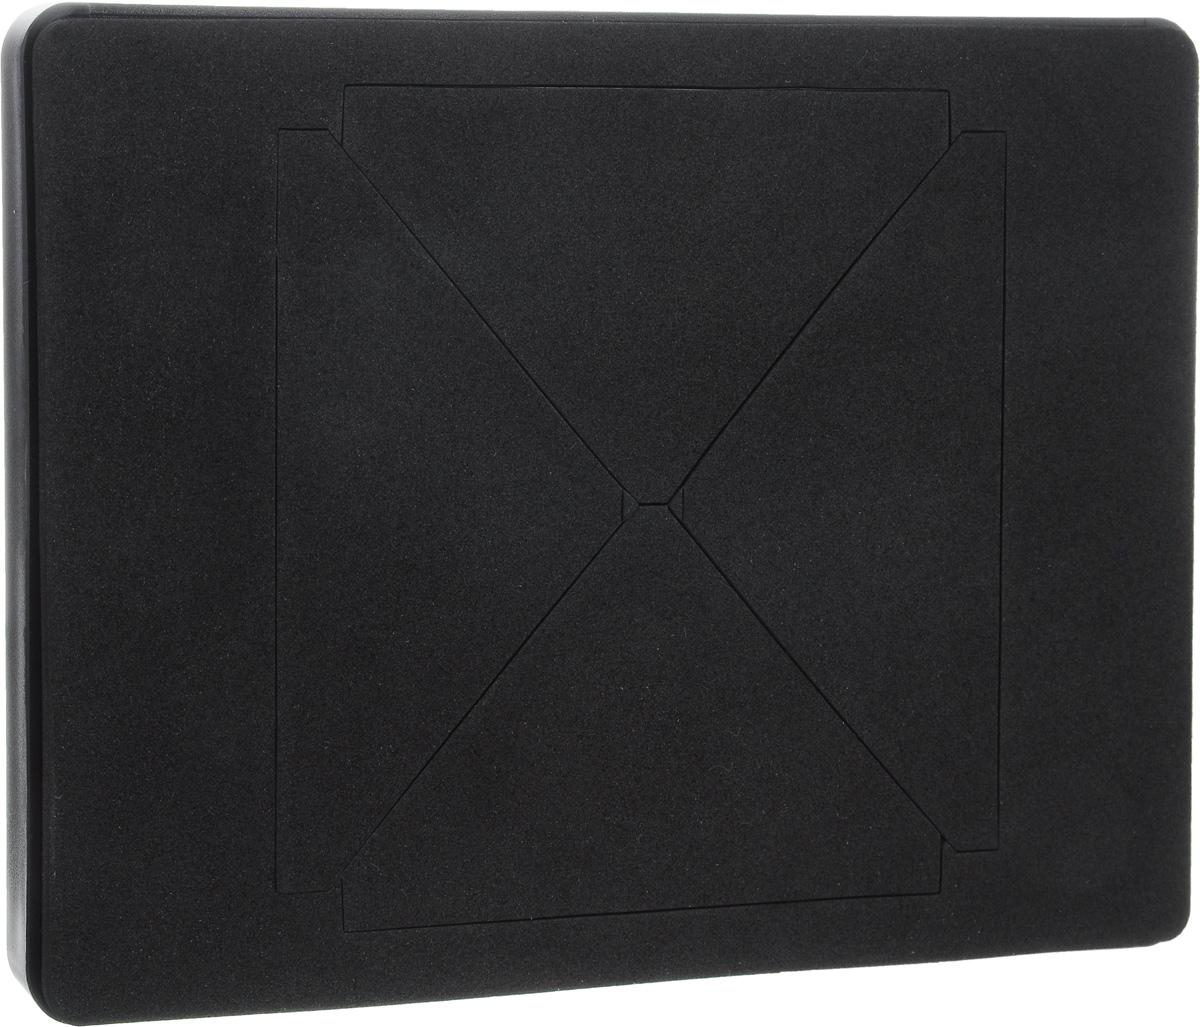 Нож для вырубки Sizzix Bigz L Die. Треугольники657166Нож для вырубки Sizzix Bigz L Die. Треугольники может использоваться для вырубки ткани до 8 слоев, ламинированного хлопка, фетра до 6-8 мм толщиной, а также картона и кожи. Можно использовать со всеми типами вырубных машинок Sizzix. Изделие вырезает ровные аккуратные фигуры, которые идеально подойдут для создания разнообразных творческих работ, например, скрапбукинг, лоскутное шитье, изготовление аксессуаров, открыток, аппликаций и многого другого. Размер ножа: 22,2 х 15,2 х 1,6 см. Размер фигуры: 11,43 х 6,35 см.